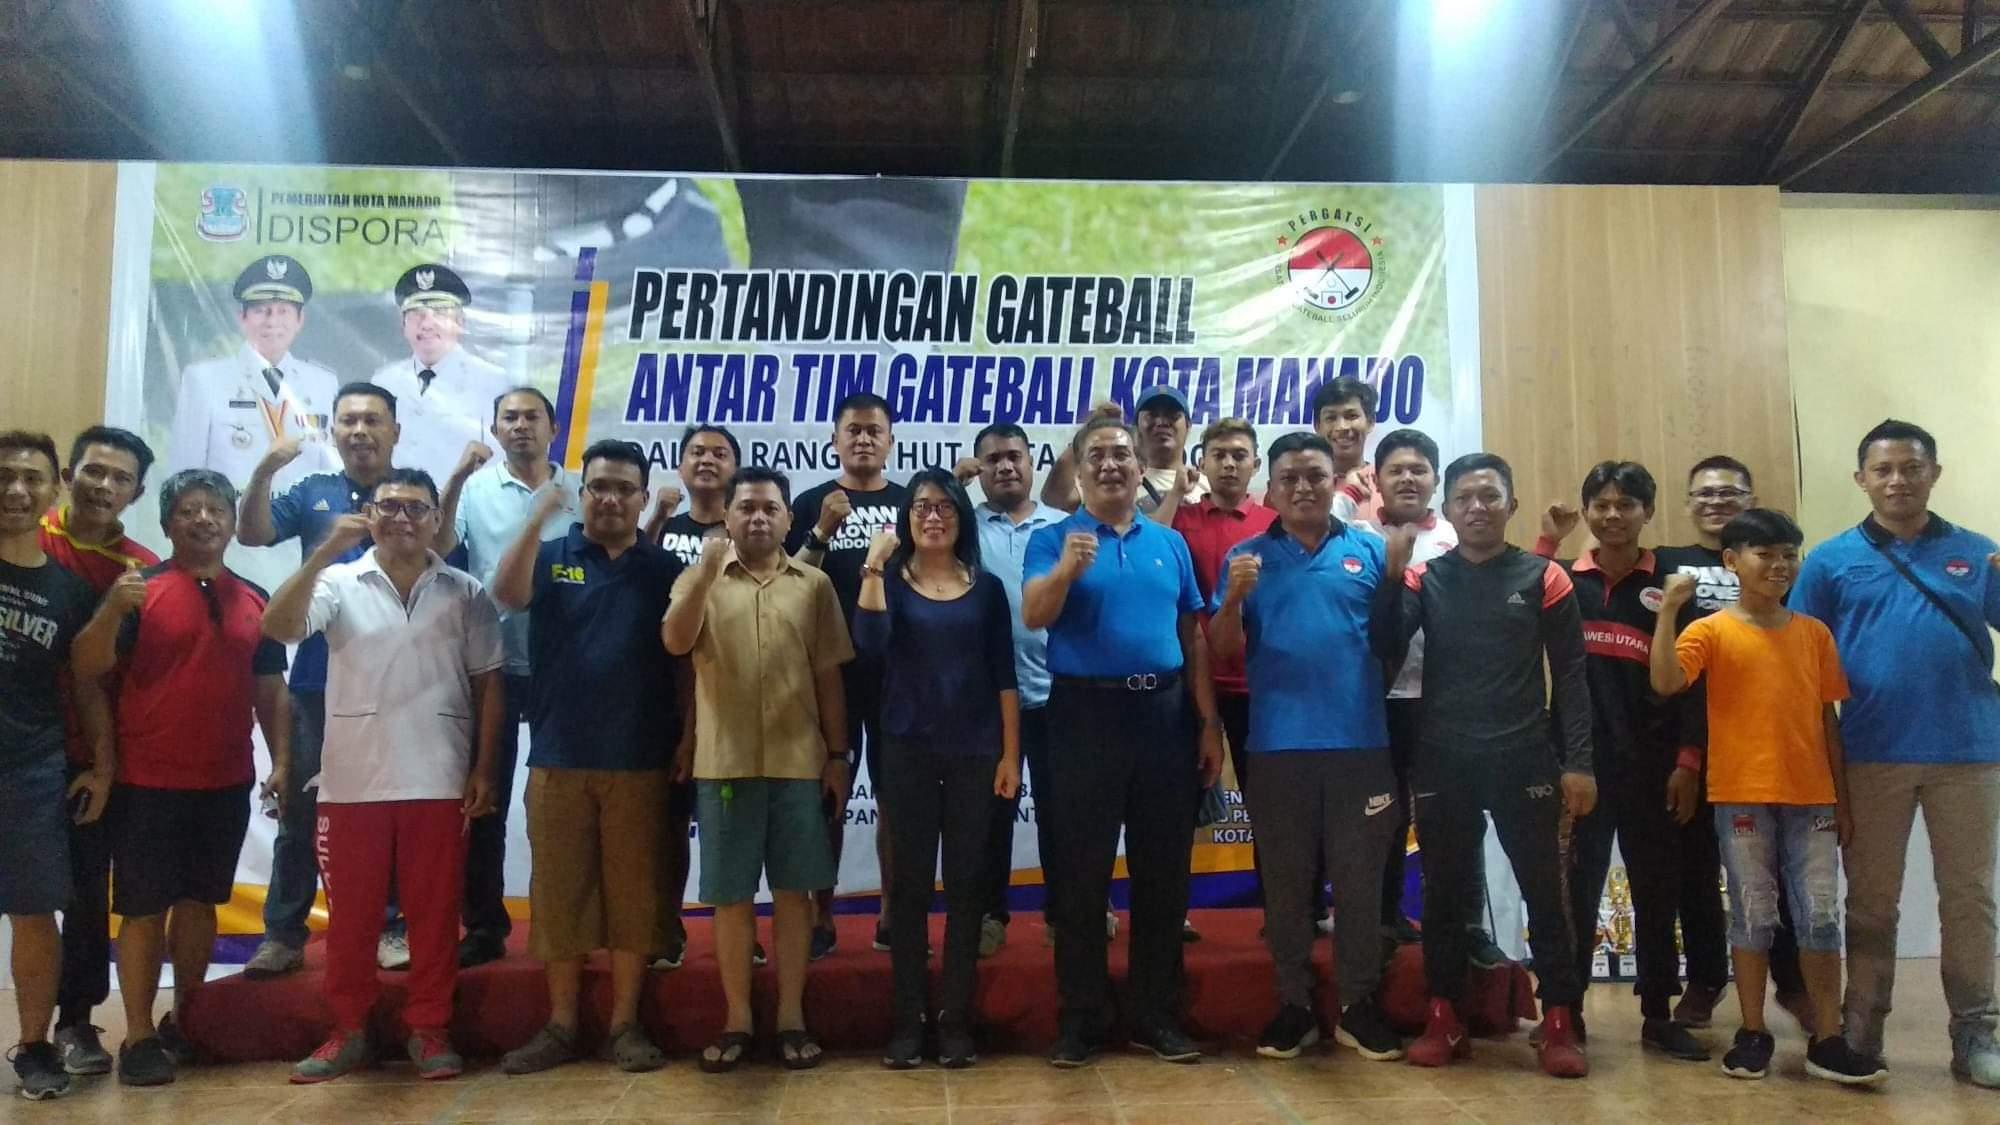 Foto bersama para peserta pertandingan Gateball dalam rangka menyambut HUT Kota Manado ke-396